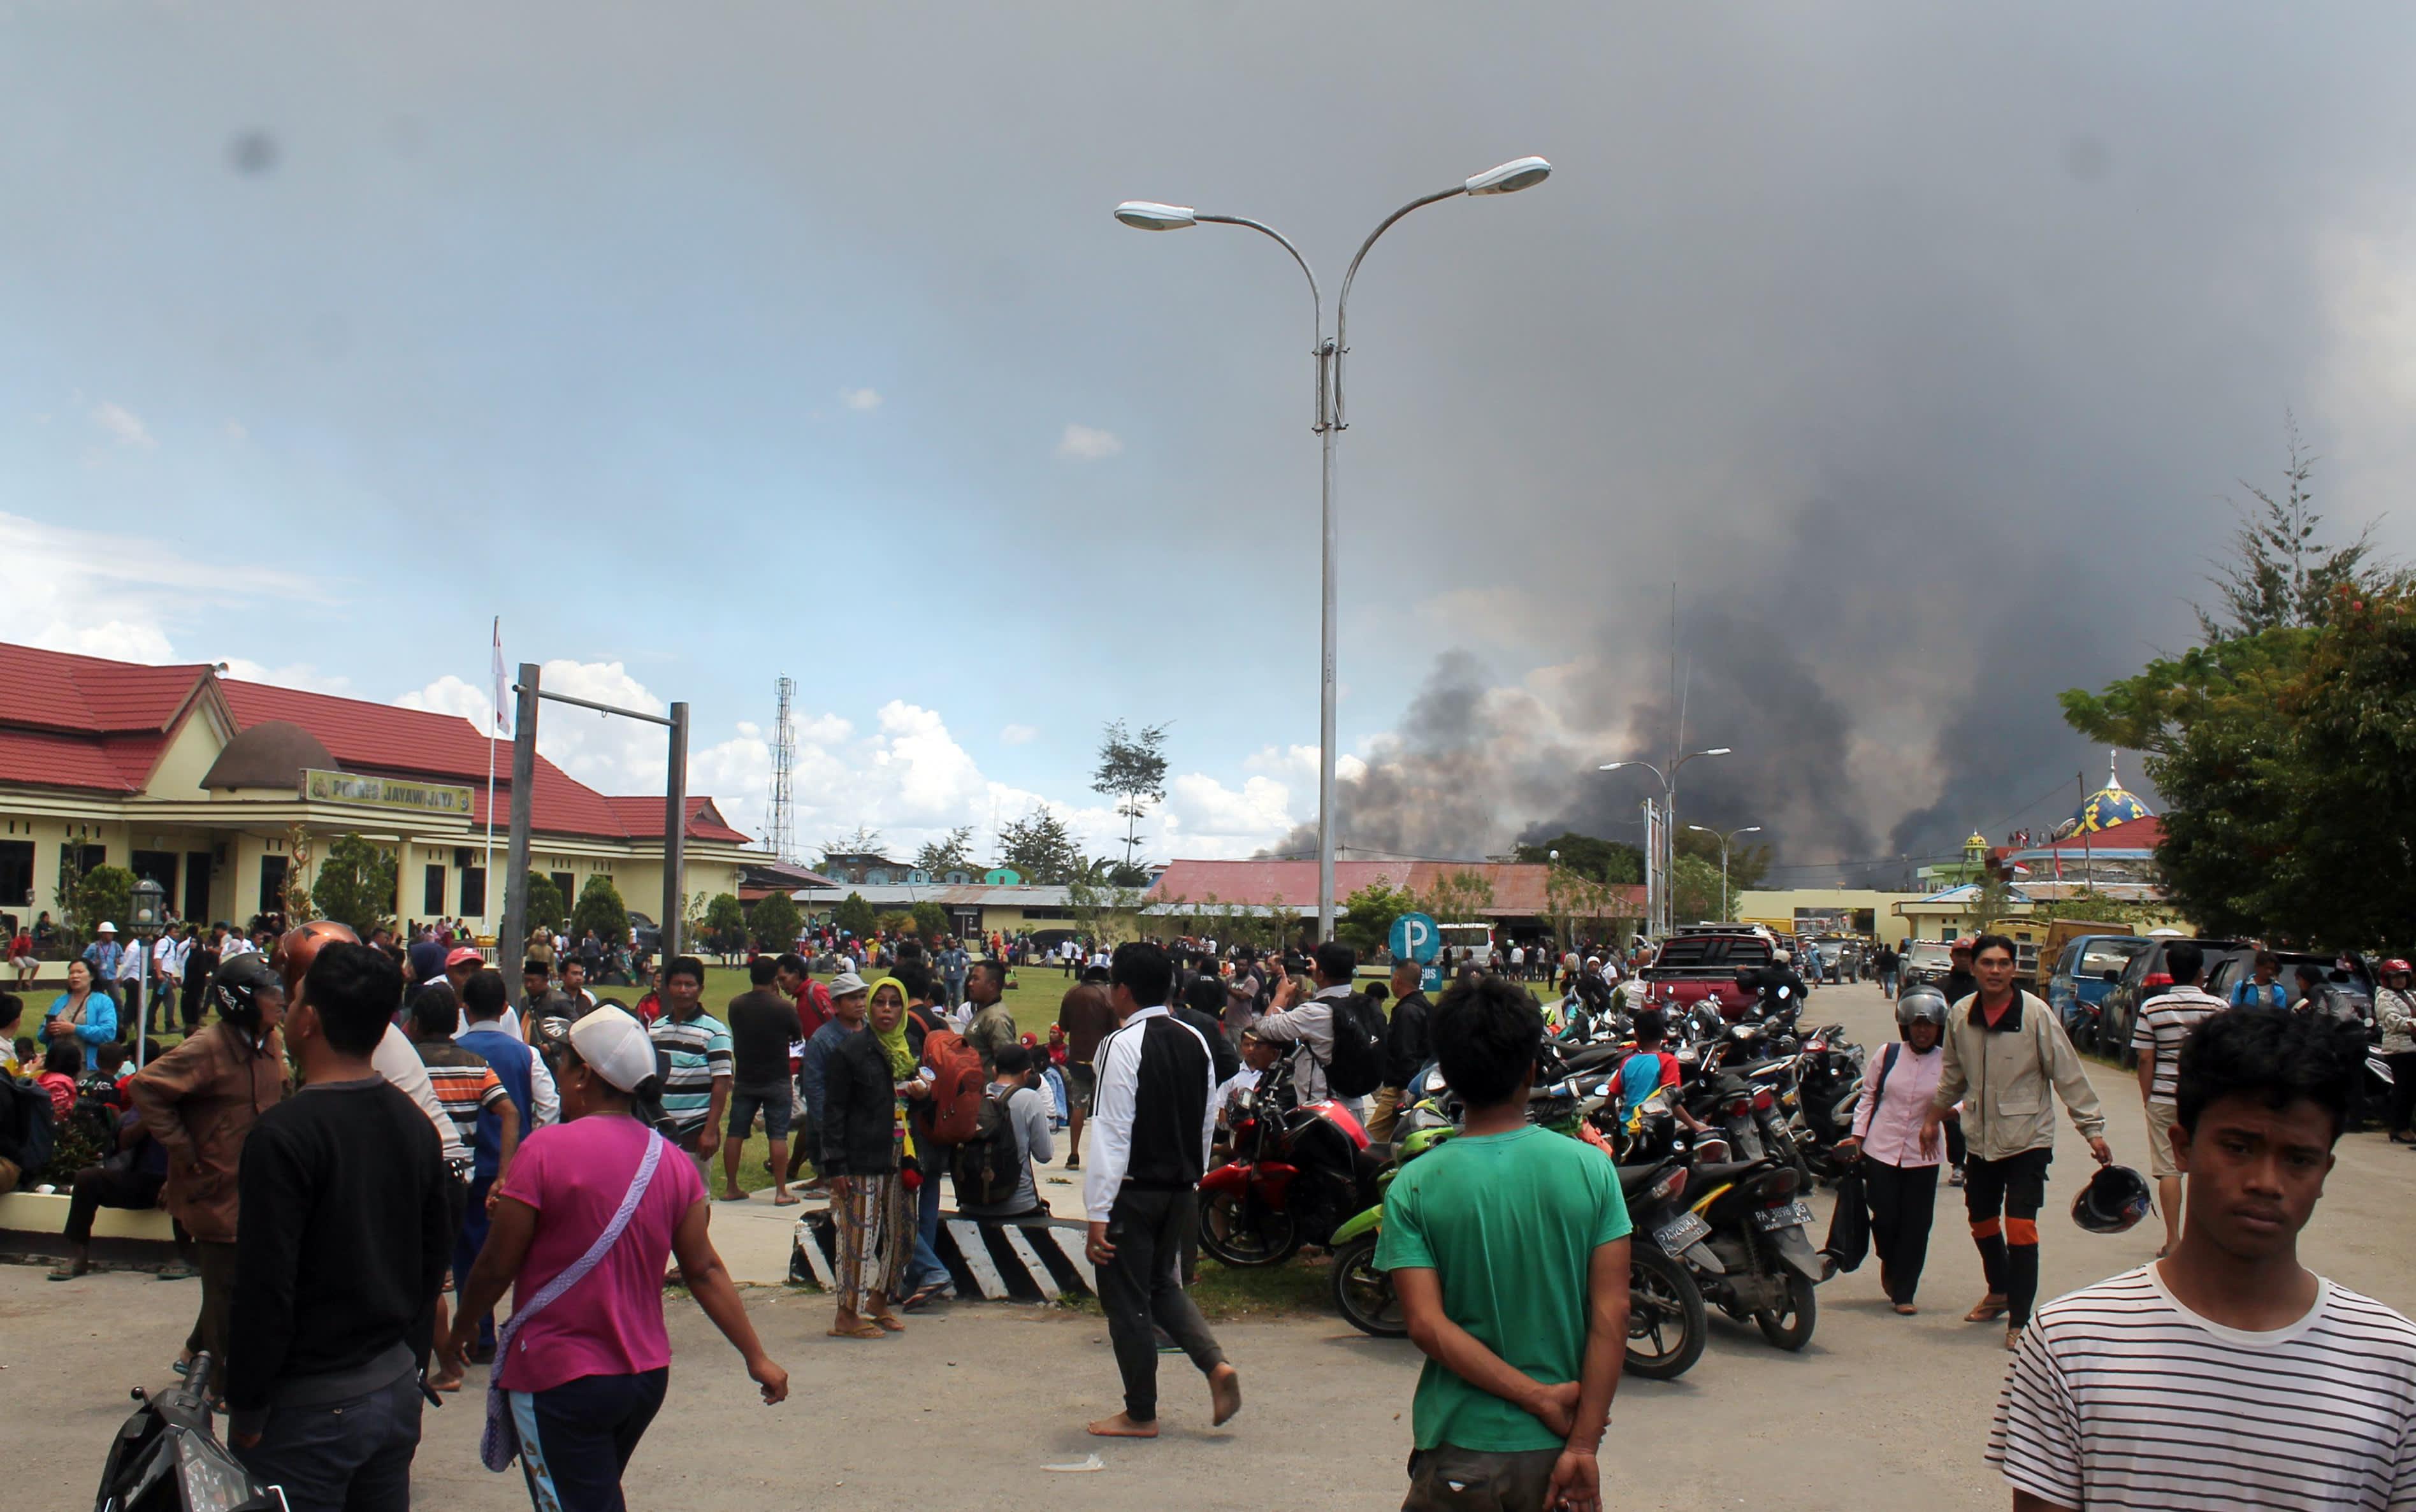 Indonesia on kiristänyt turvallisuustoimia Papuassa virinneiden väkivaltaisuuksien jälkeen. Wamenan kaupungissa useita kuoli kun mielenosoittajat sytyttivät rakennuksia palamaan.